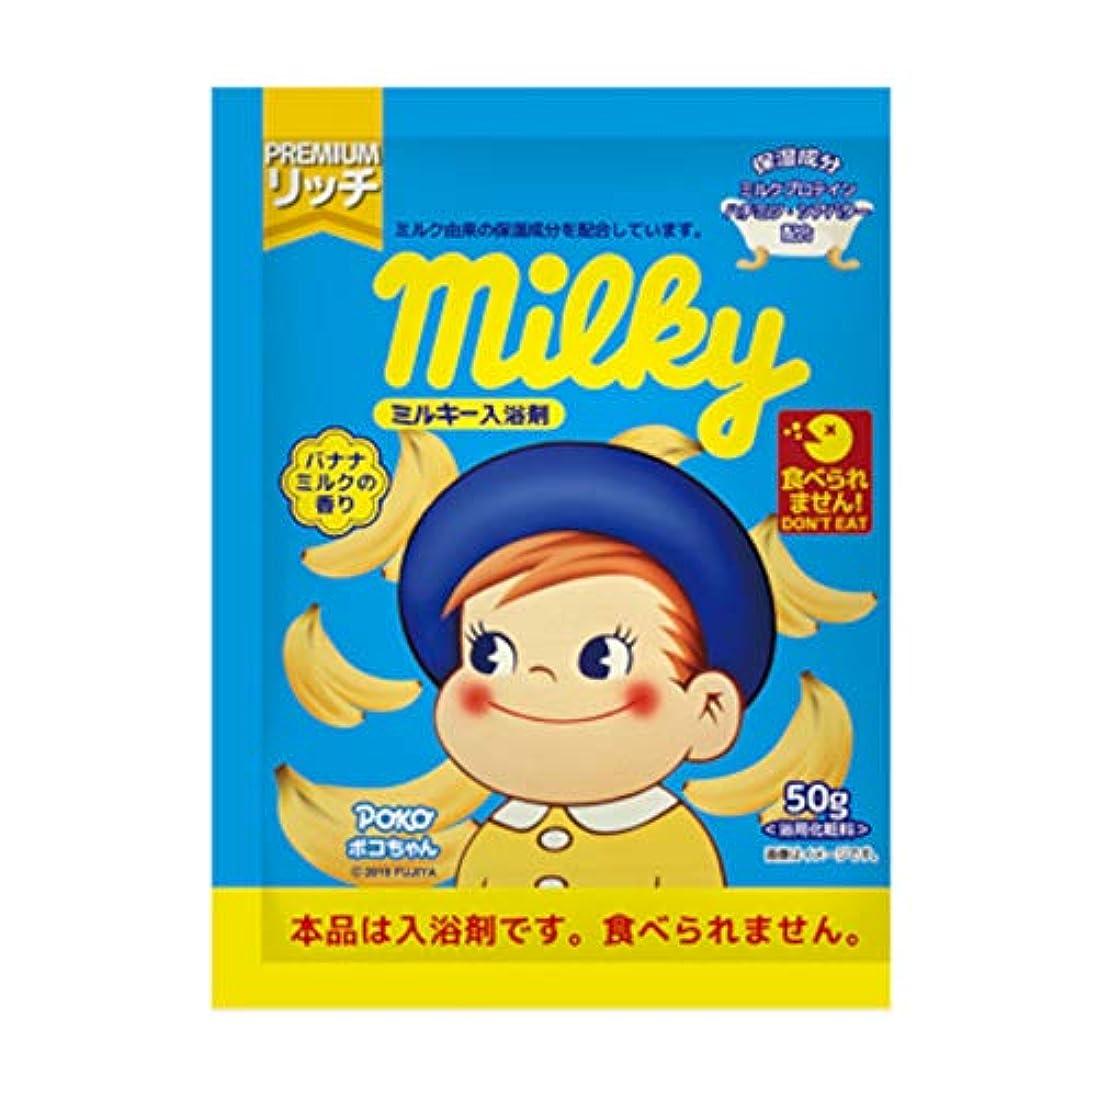 プレーヤーより多いすごいミルキー入浴剤 ポコちゃん バナナミルクの香り 50g N-8786